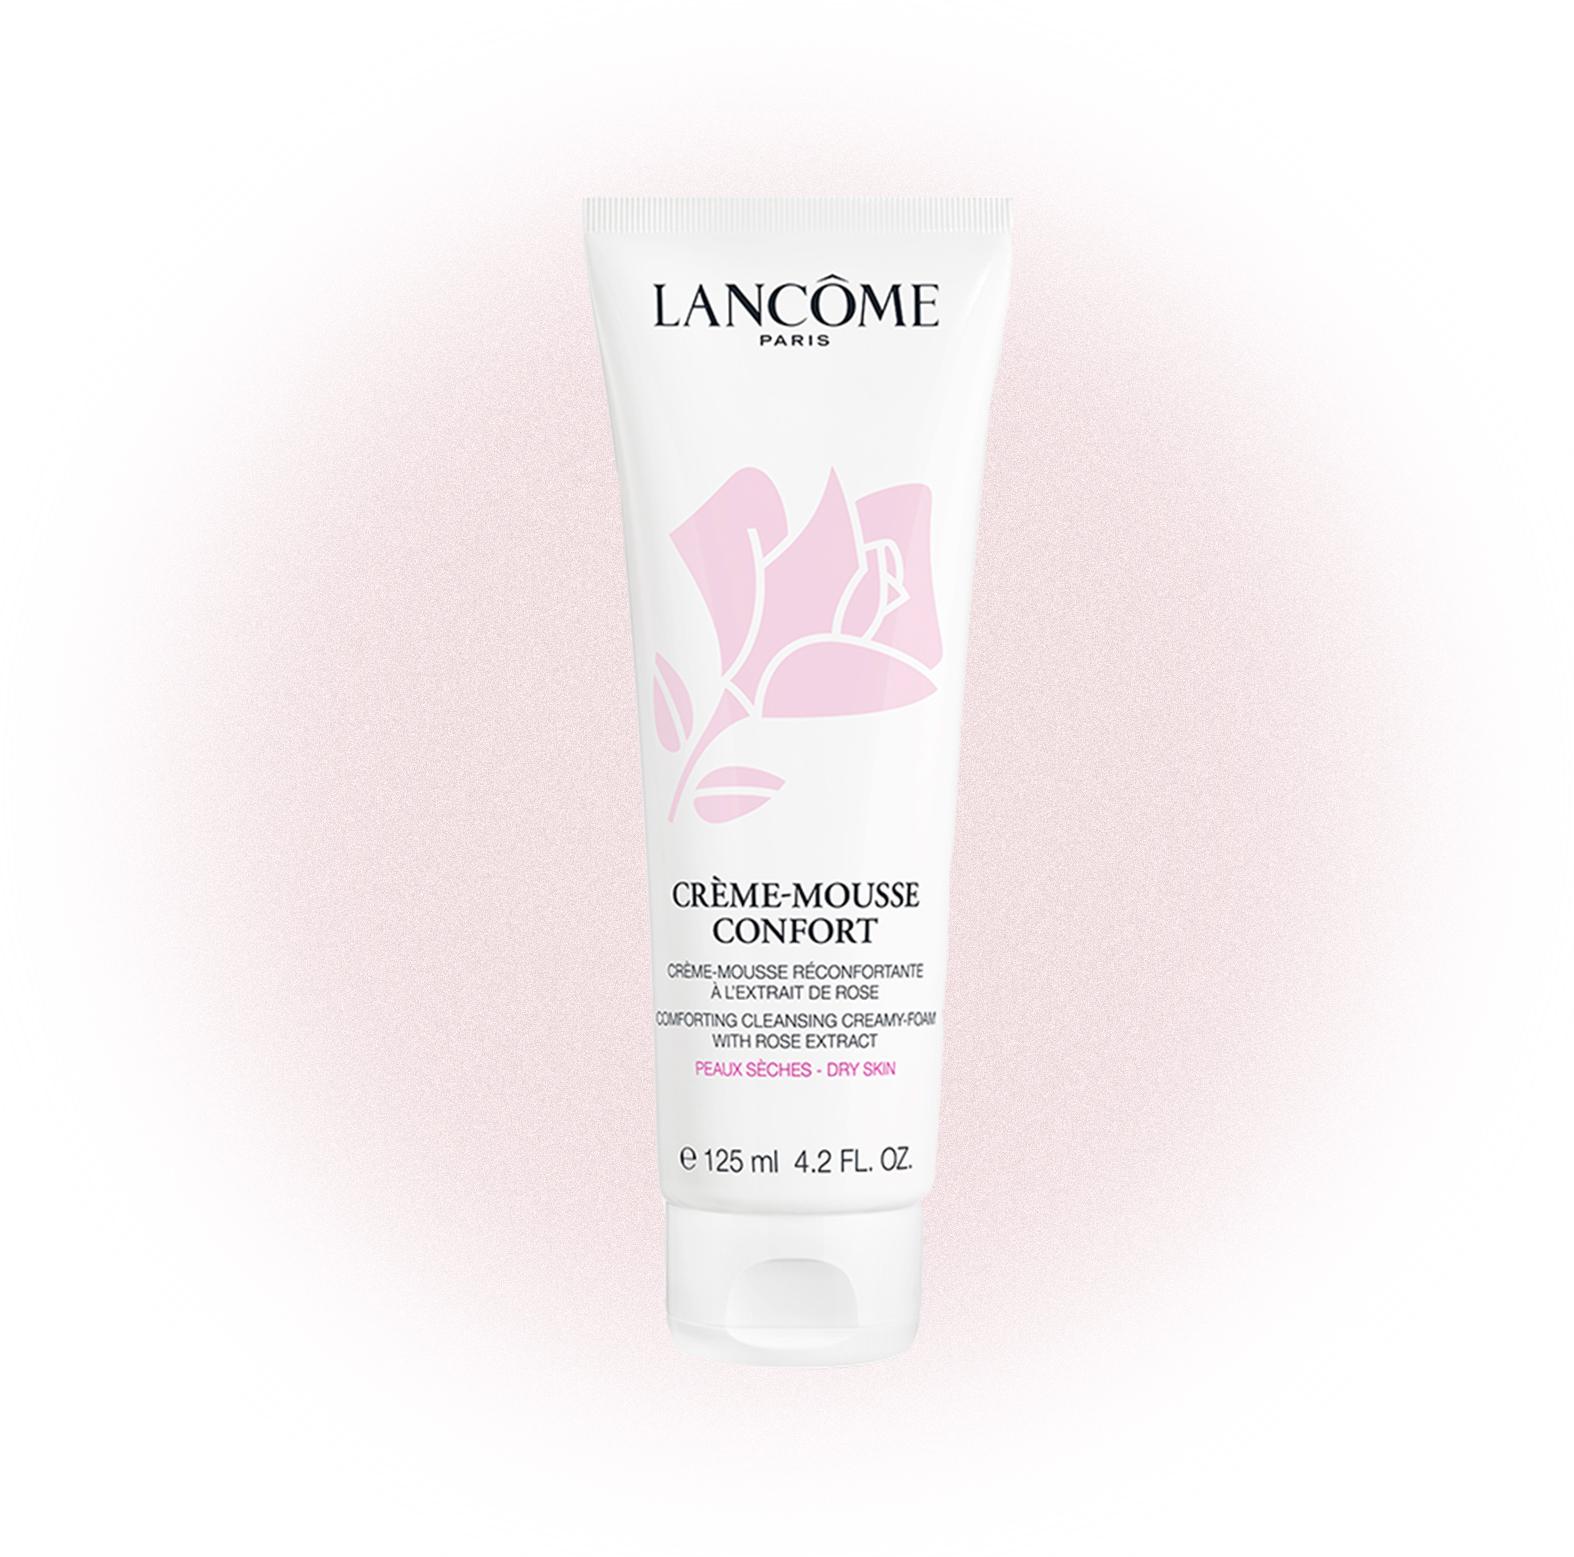 Очищающая пенка для сухой и чувствительной кожи Crème Mousse Confort, Lancome